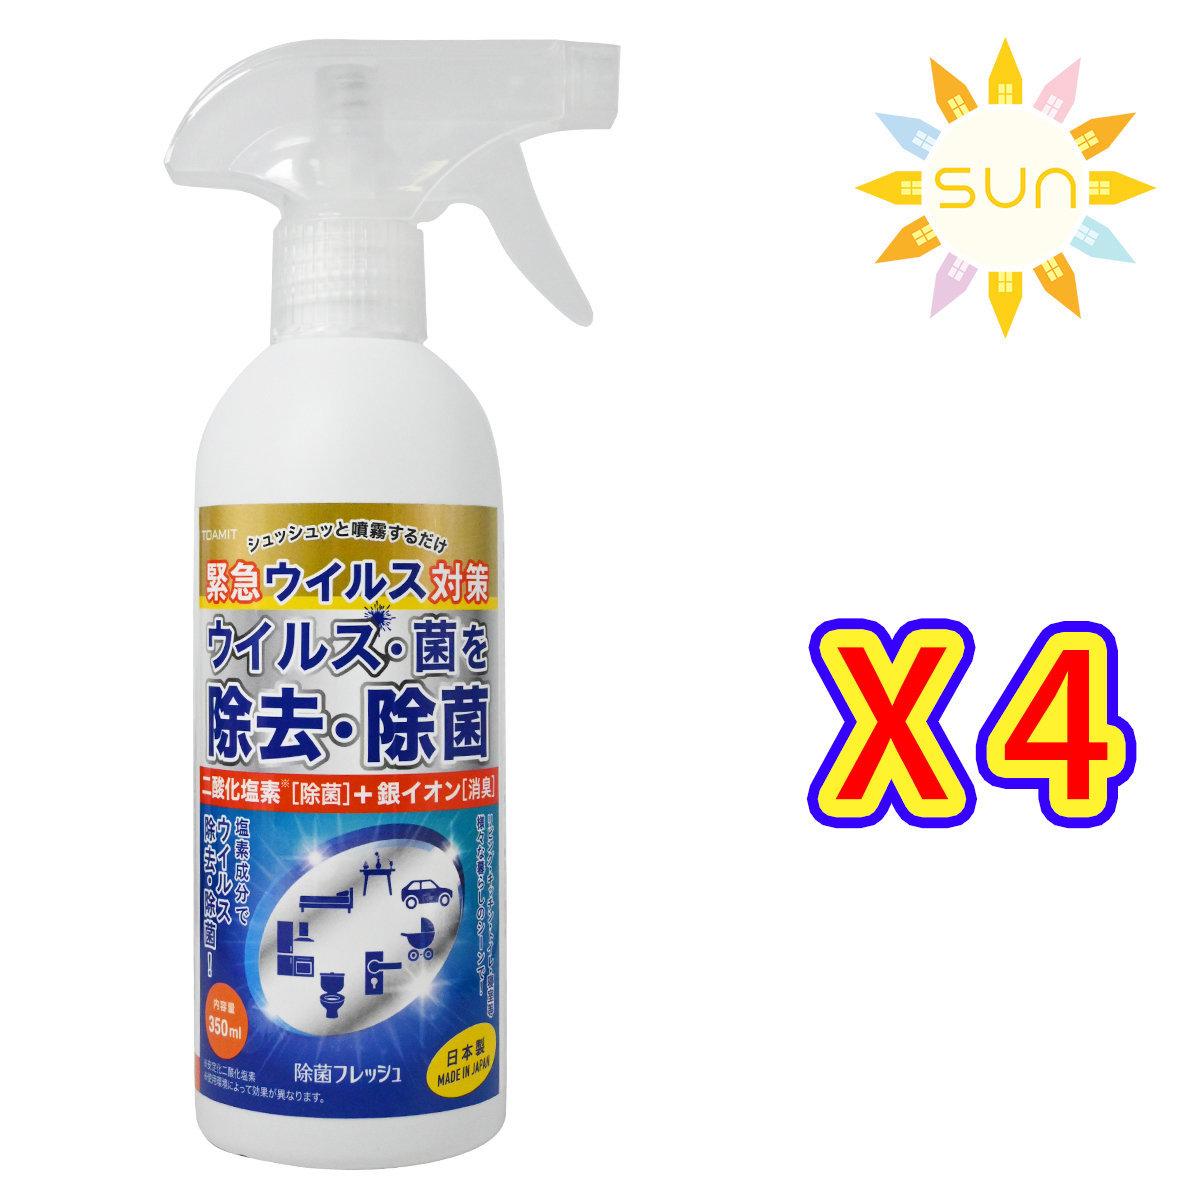 [X4]日本強效家居多用途殺菌除菌消毒噴霧 350ml X4 <正式日本授權香港中國地區銷售店>